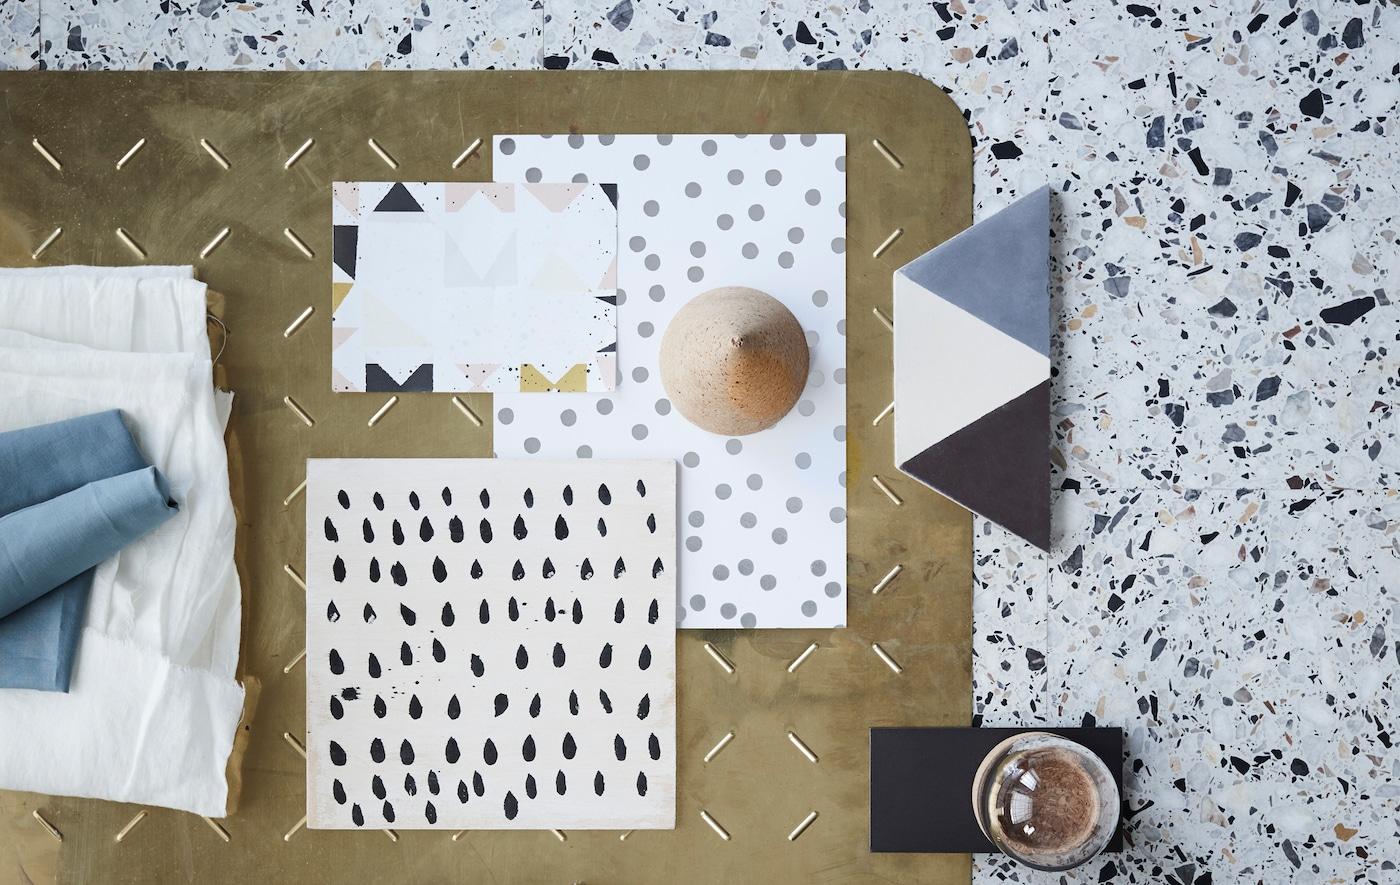 Les tendances déco pour la fin de l'été font la part belle aux textures organiques et aux motifs graphiques. Ici, un mélange de motifs simples comme des pois et des blocs sur du papier et du carrelage, et des notes de textiles, verre et laiton.